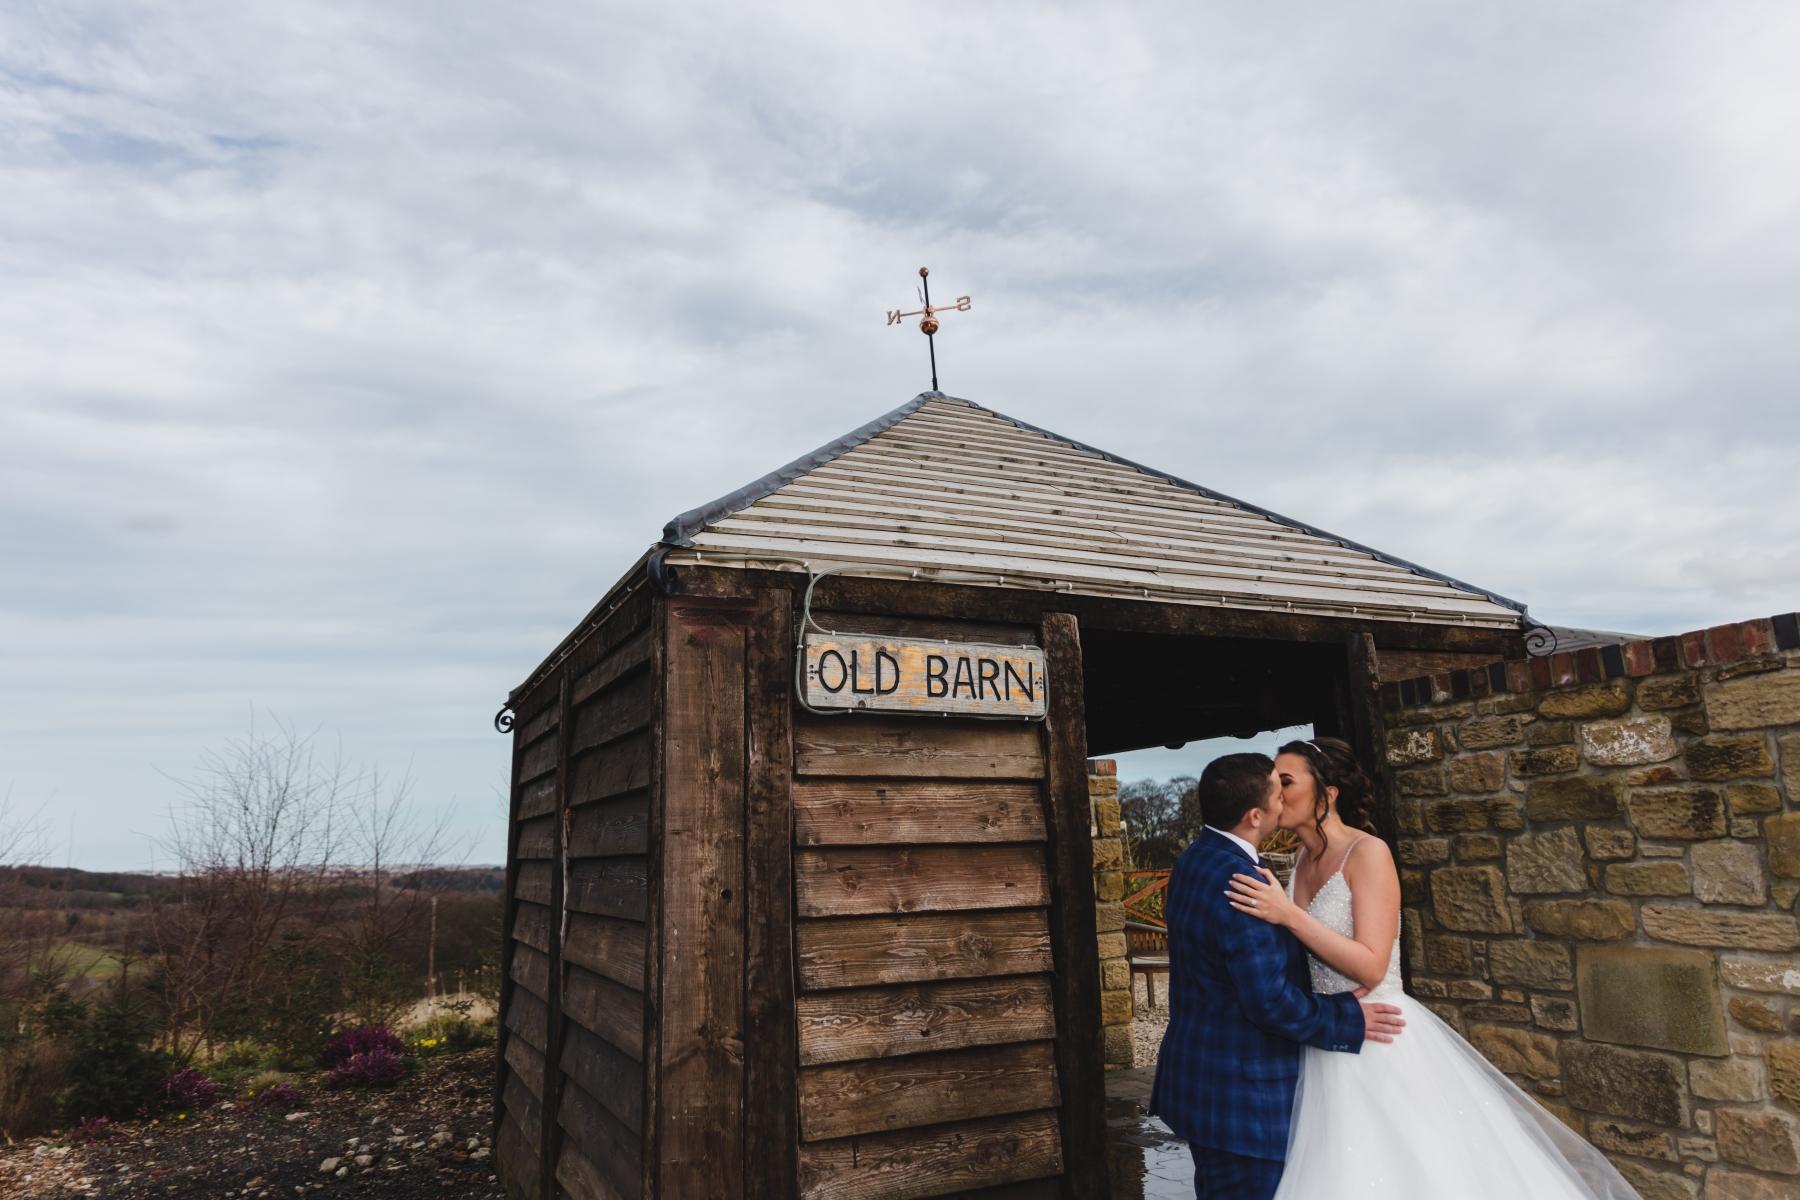 180320-Joanna-Maddison-and-Liam-Chambers-Wedding-Final-911